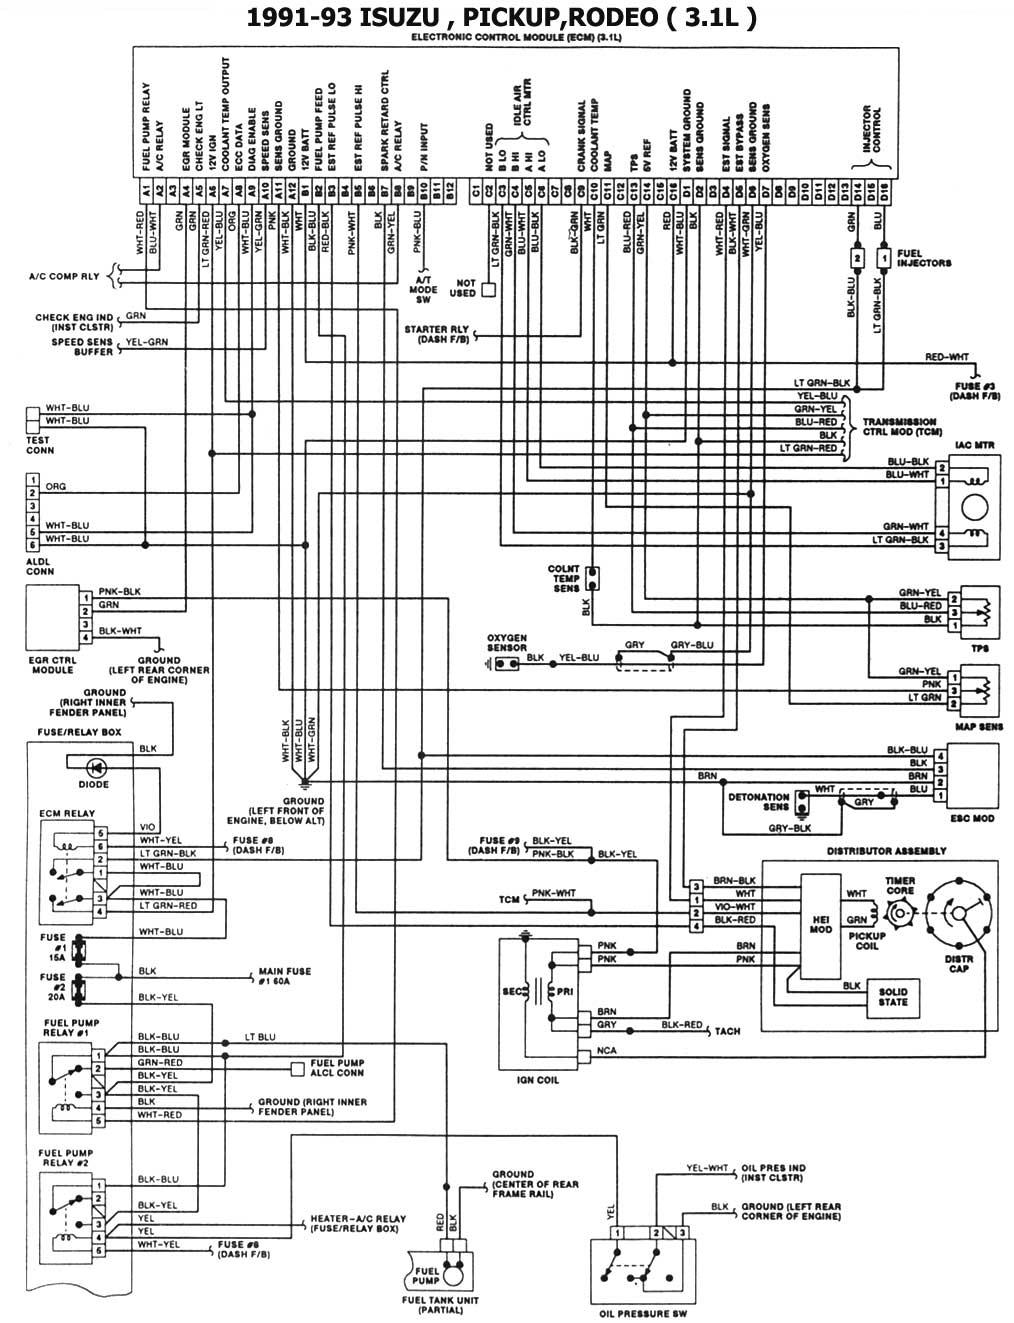 Diagram Together With 1989 Isuzu Trooper Vacuum Hose Diagram On 93